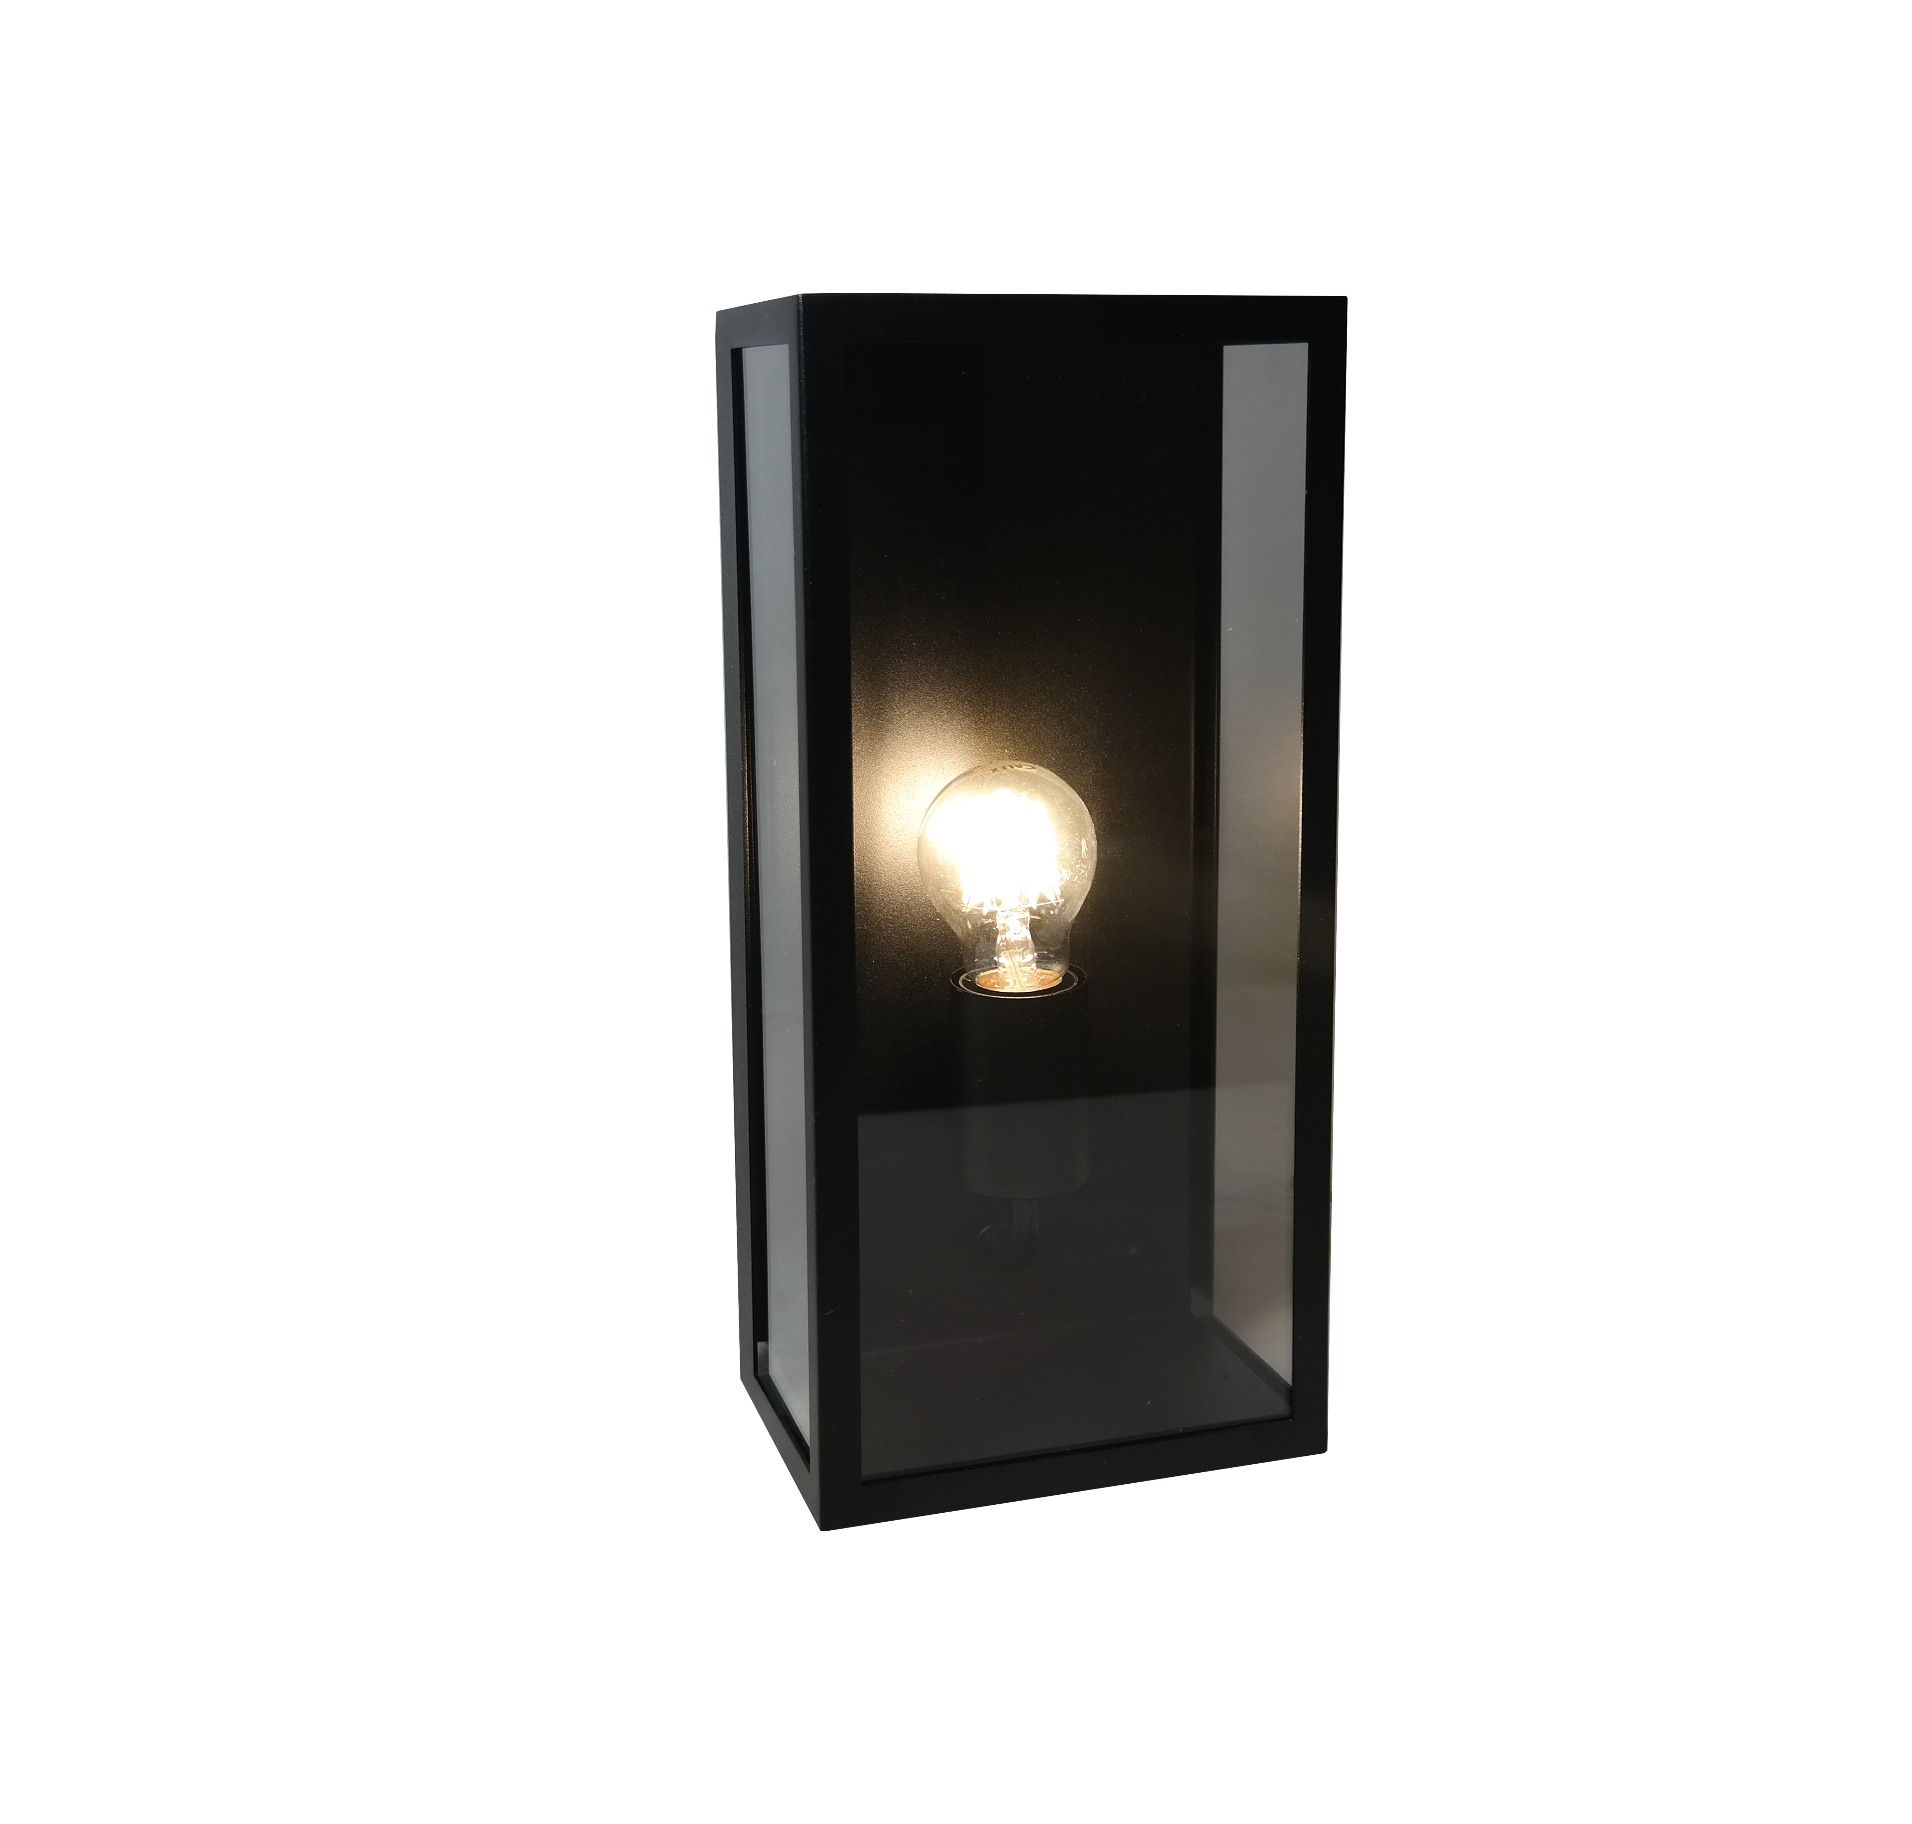 Artdelight Buitenlamp Rowin Zwart 35cm